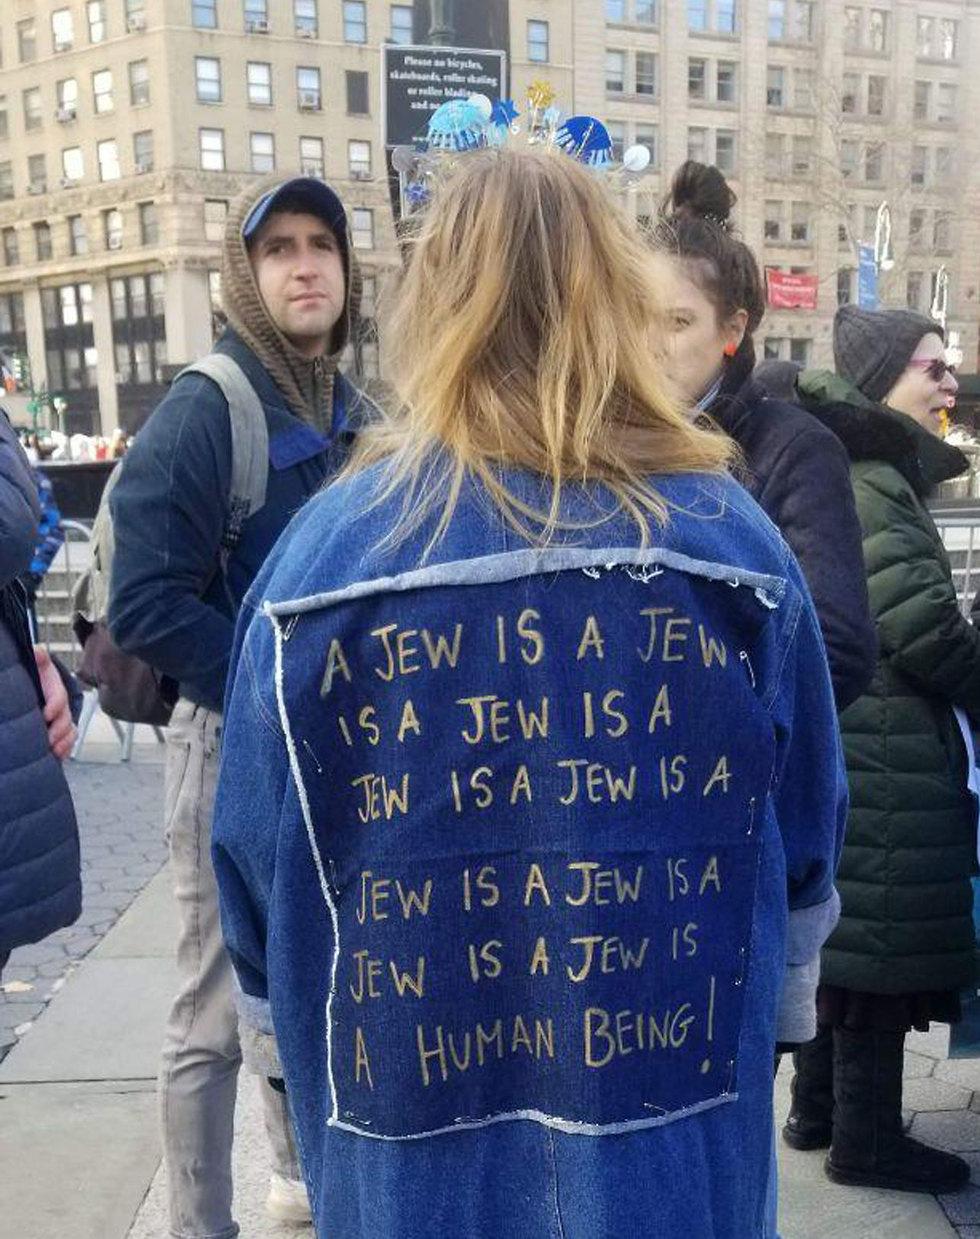 הפגנה ניו יורק (צילום: דנה סיני)